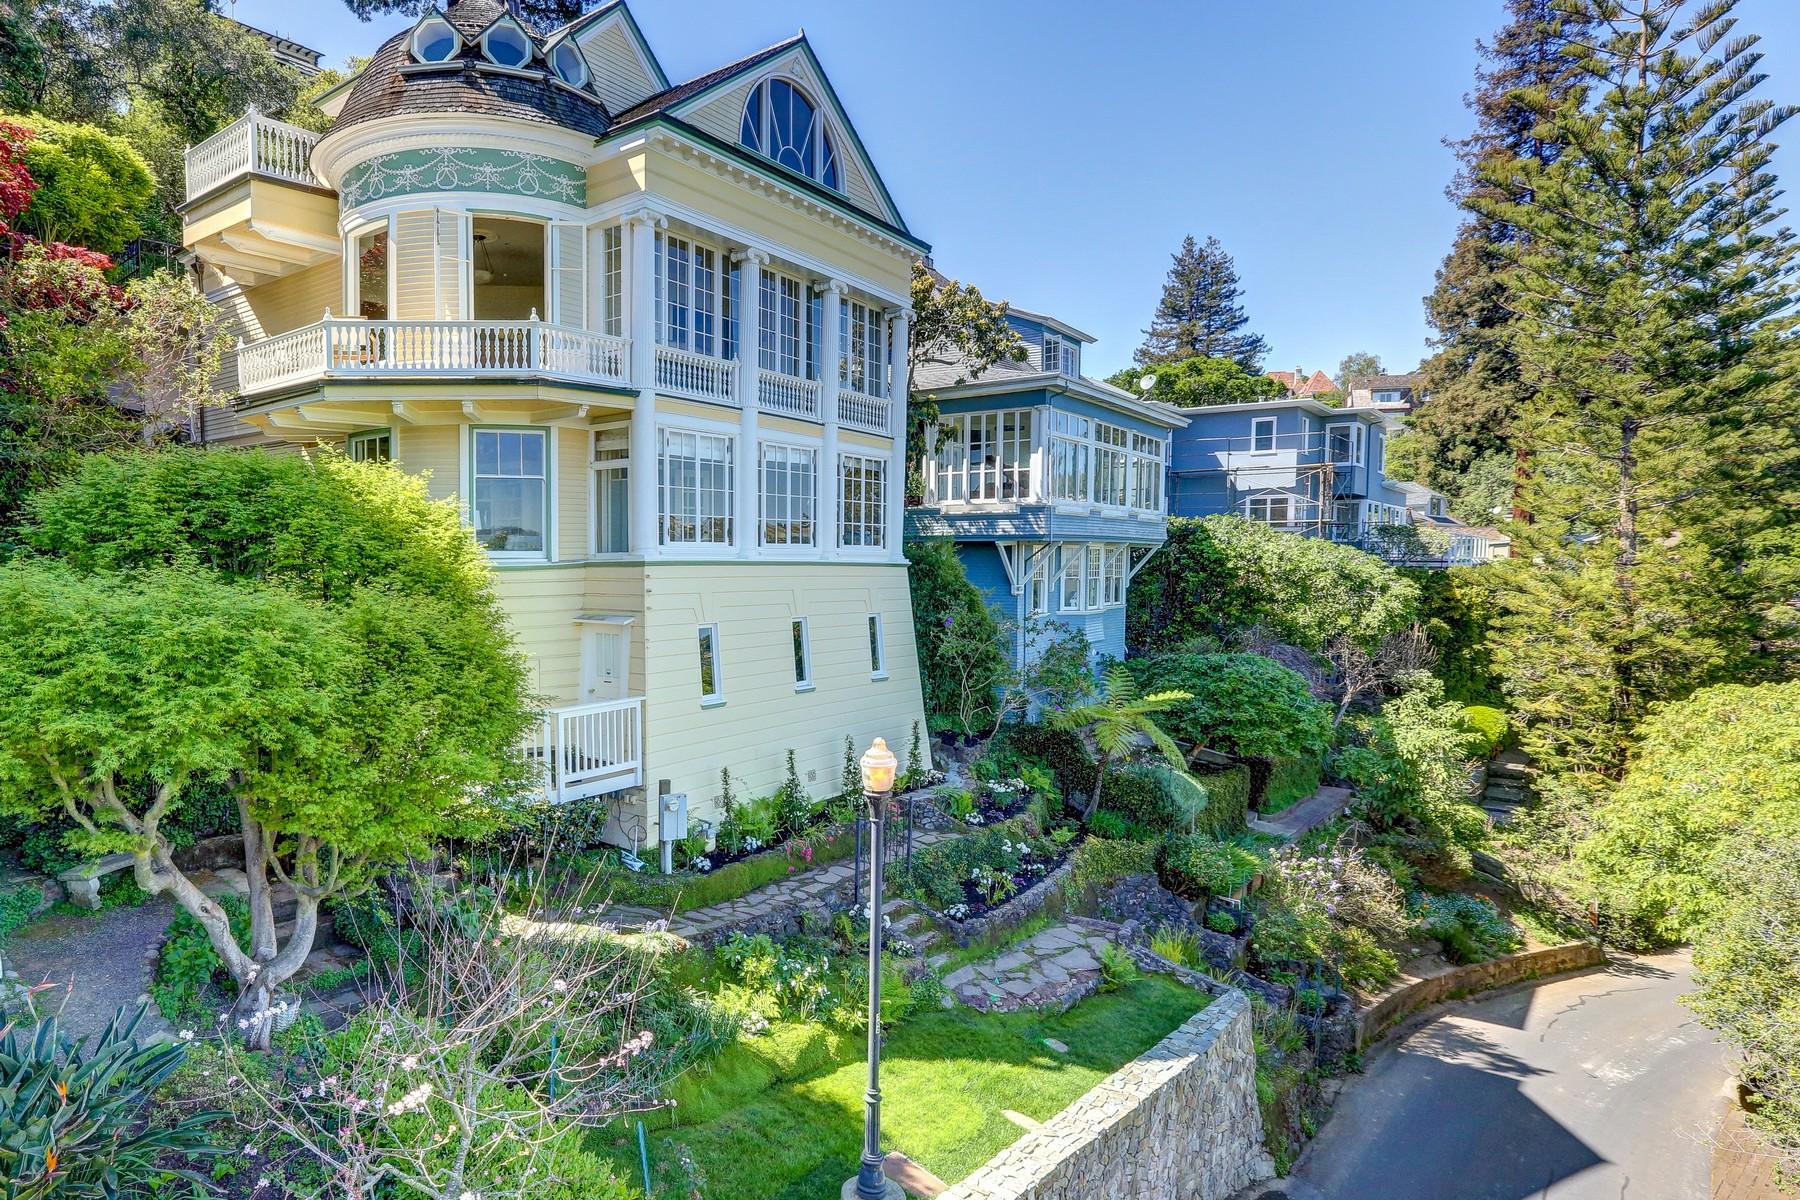 獨棟家庭住宅 為 出售 在 Magnificent Belvedere Gem 460 Bella Vista Avenue Belvedere, 加利福尼亞州 94920 美國